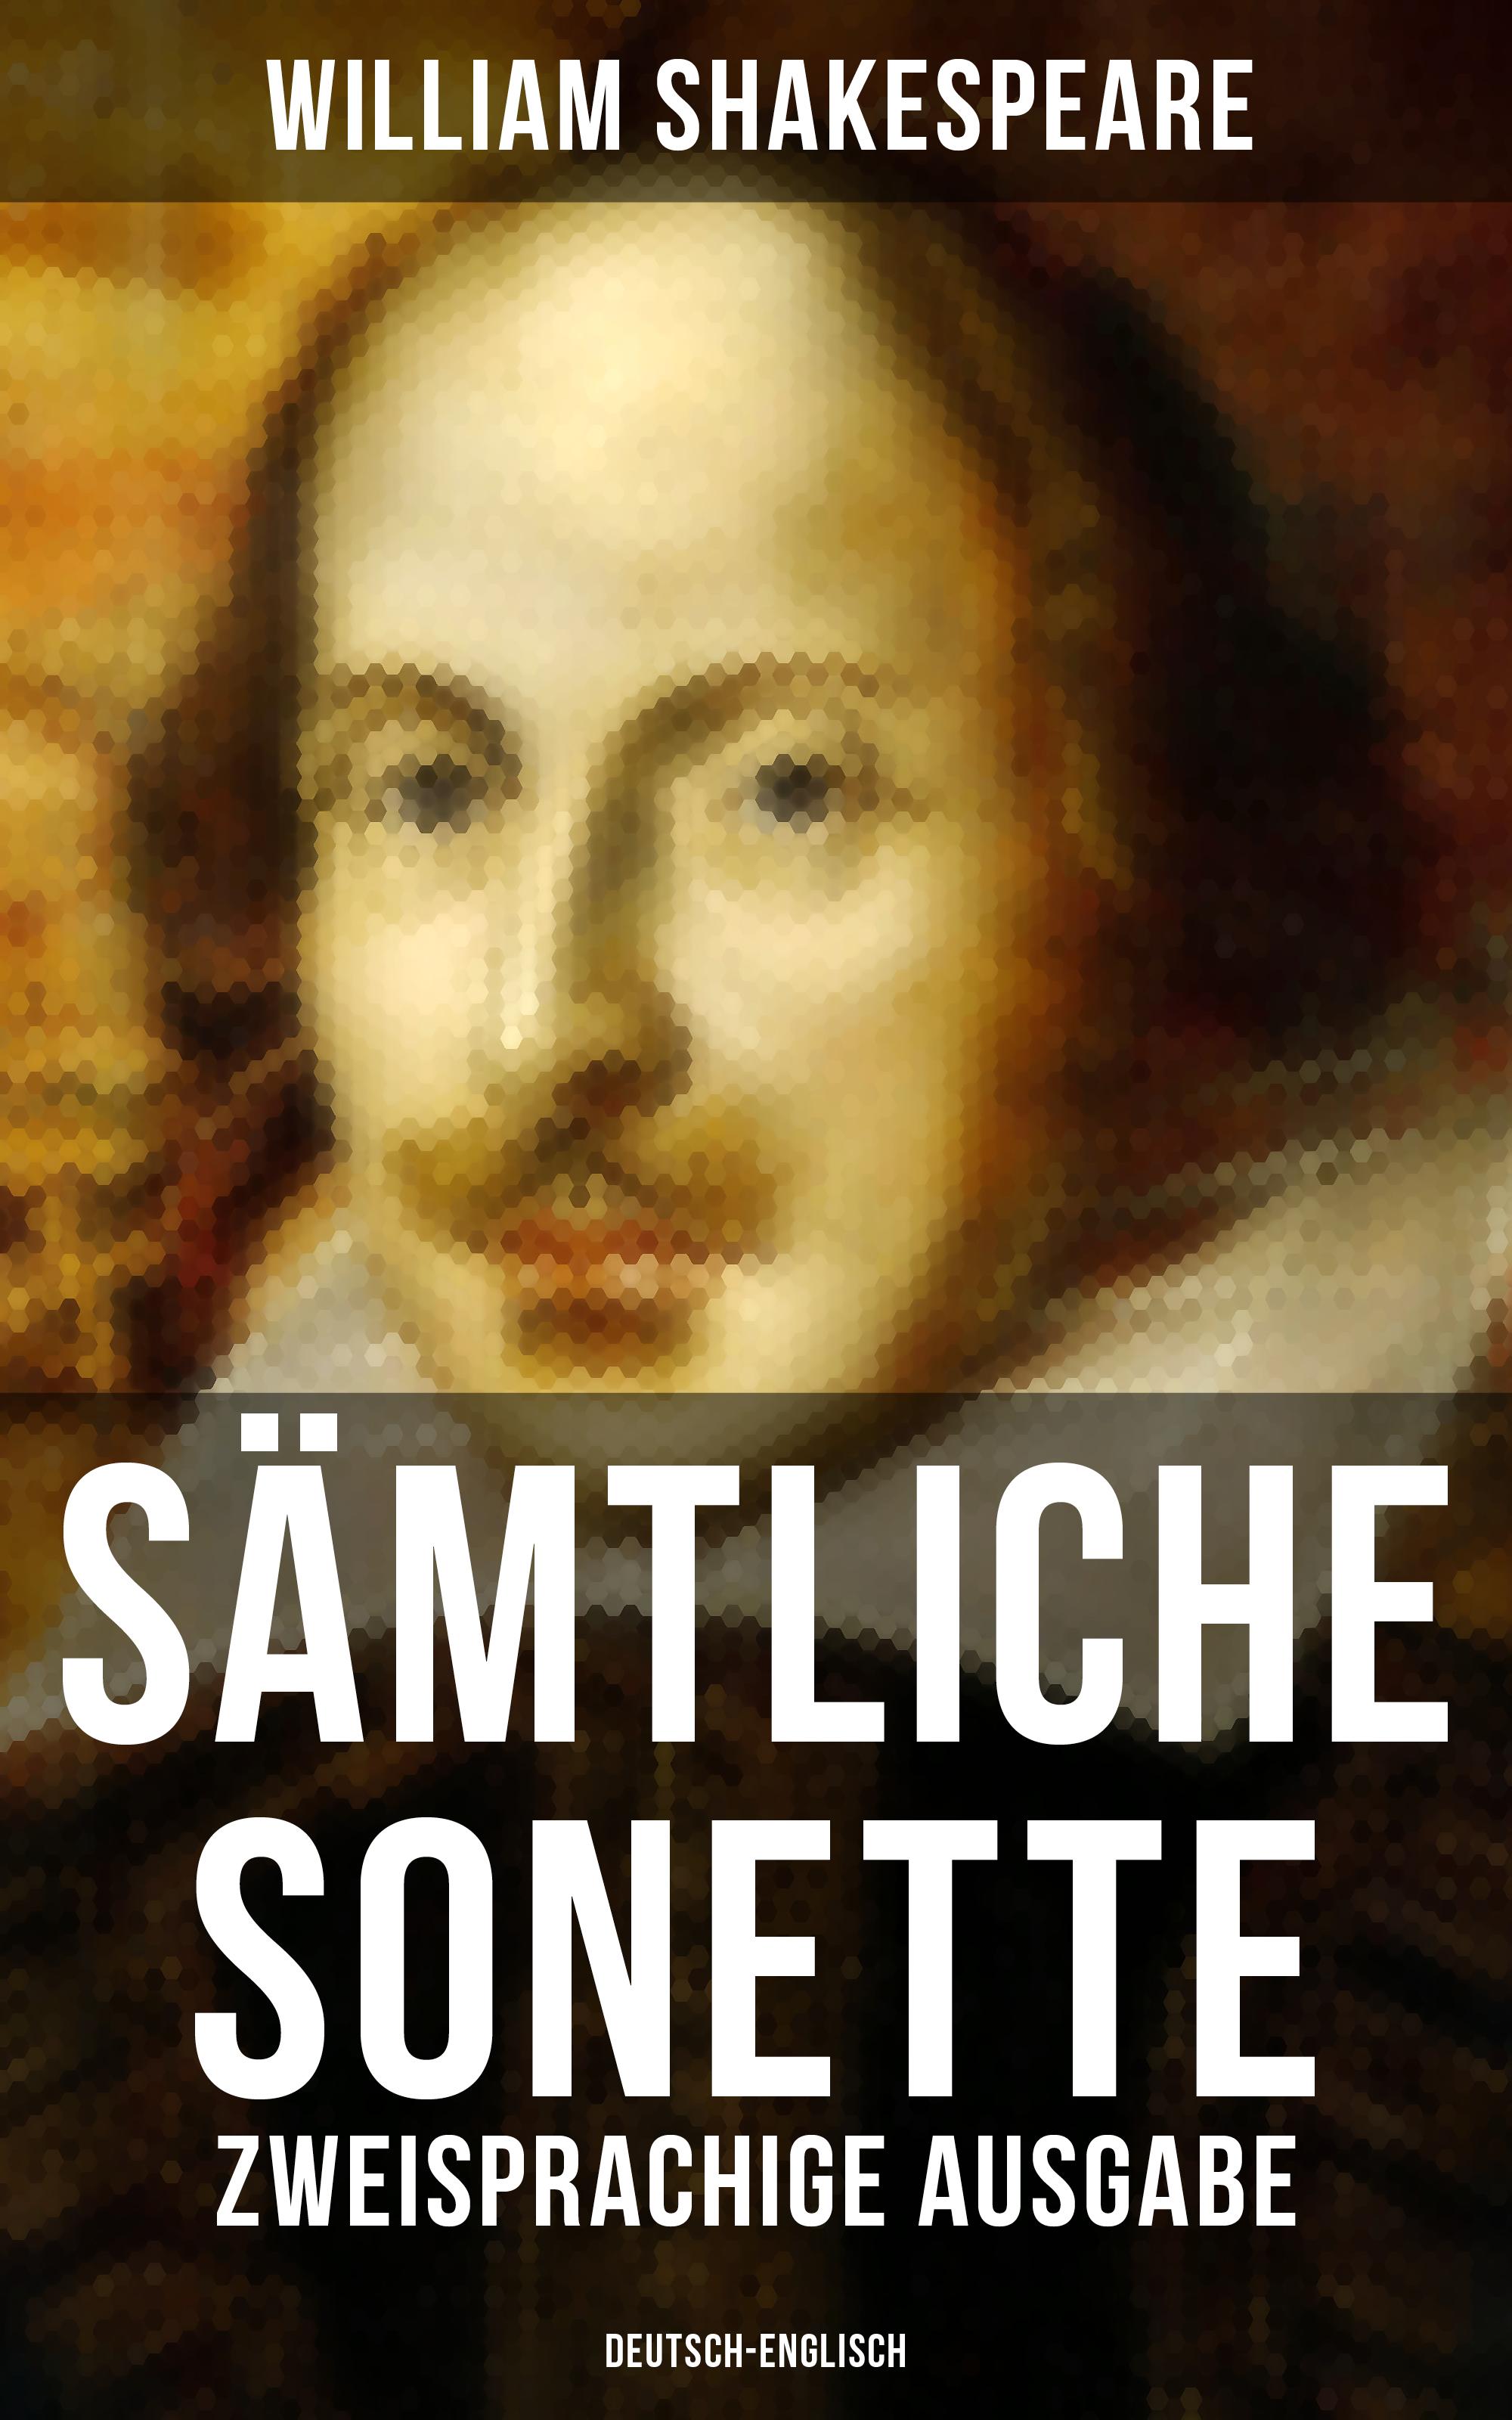 Уильям Шекспир Sämtliche Sonette (Zweisprachige Ausgabe: Deutsch-Englisch) fruhlings wimmelbuch midi ausgabe